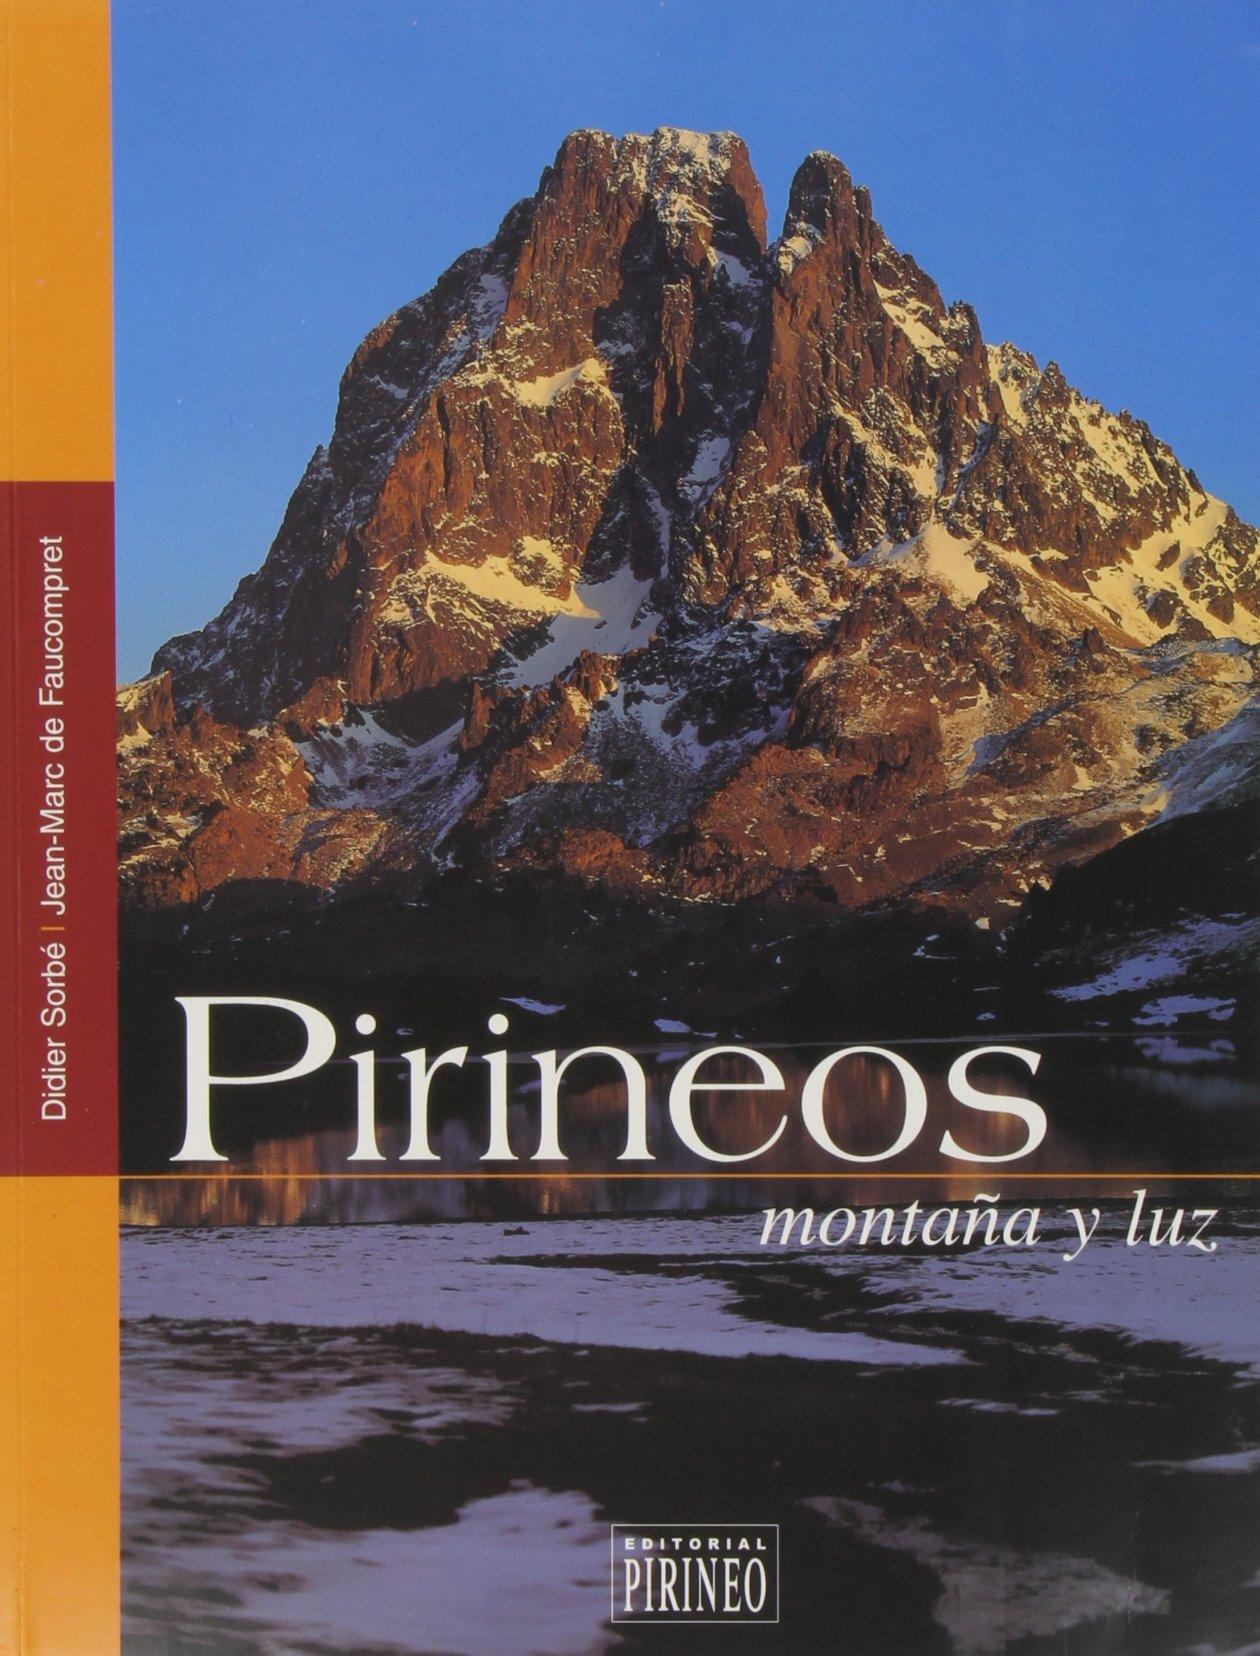 Pirineos: montaña y luz: Didier; Faucompret, Jean-Marc de ...